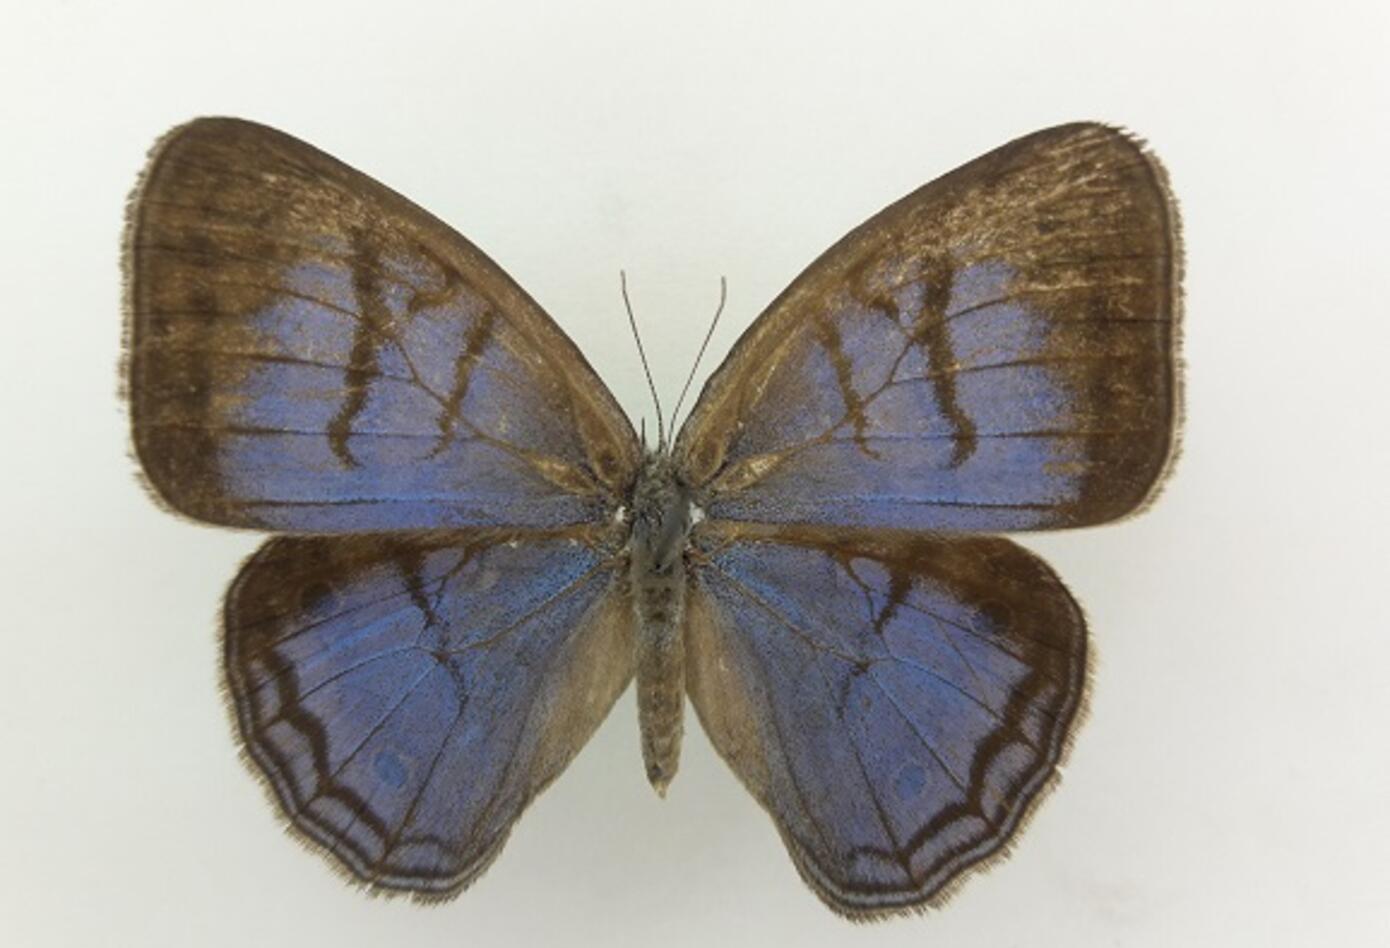 Mariposa (Caeruleuptychia sinchi).